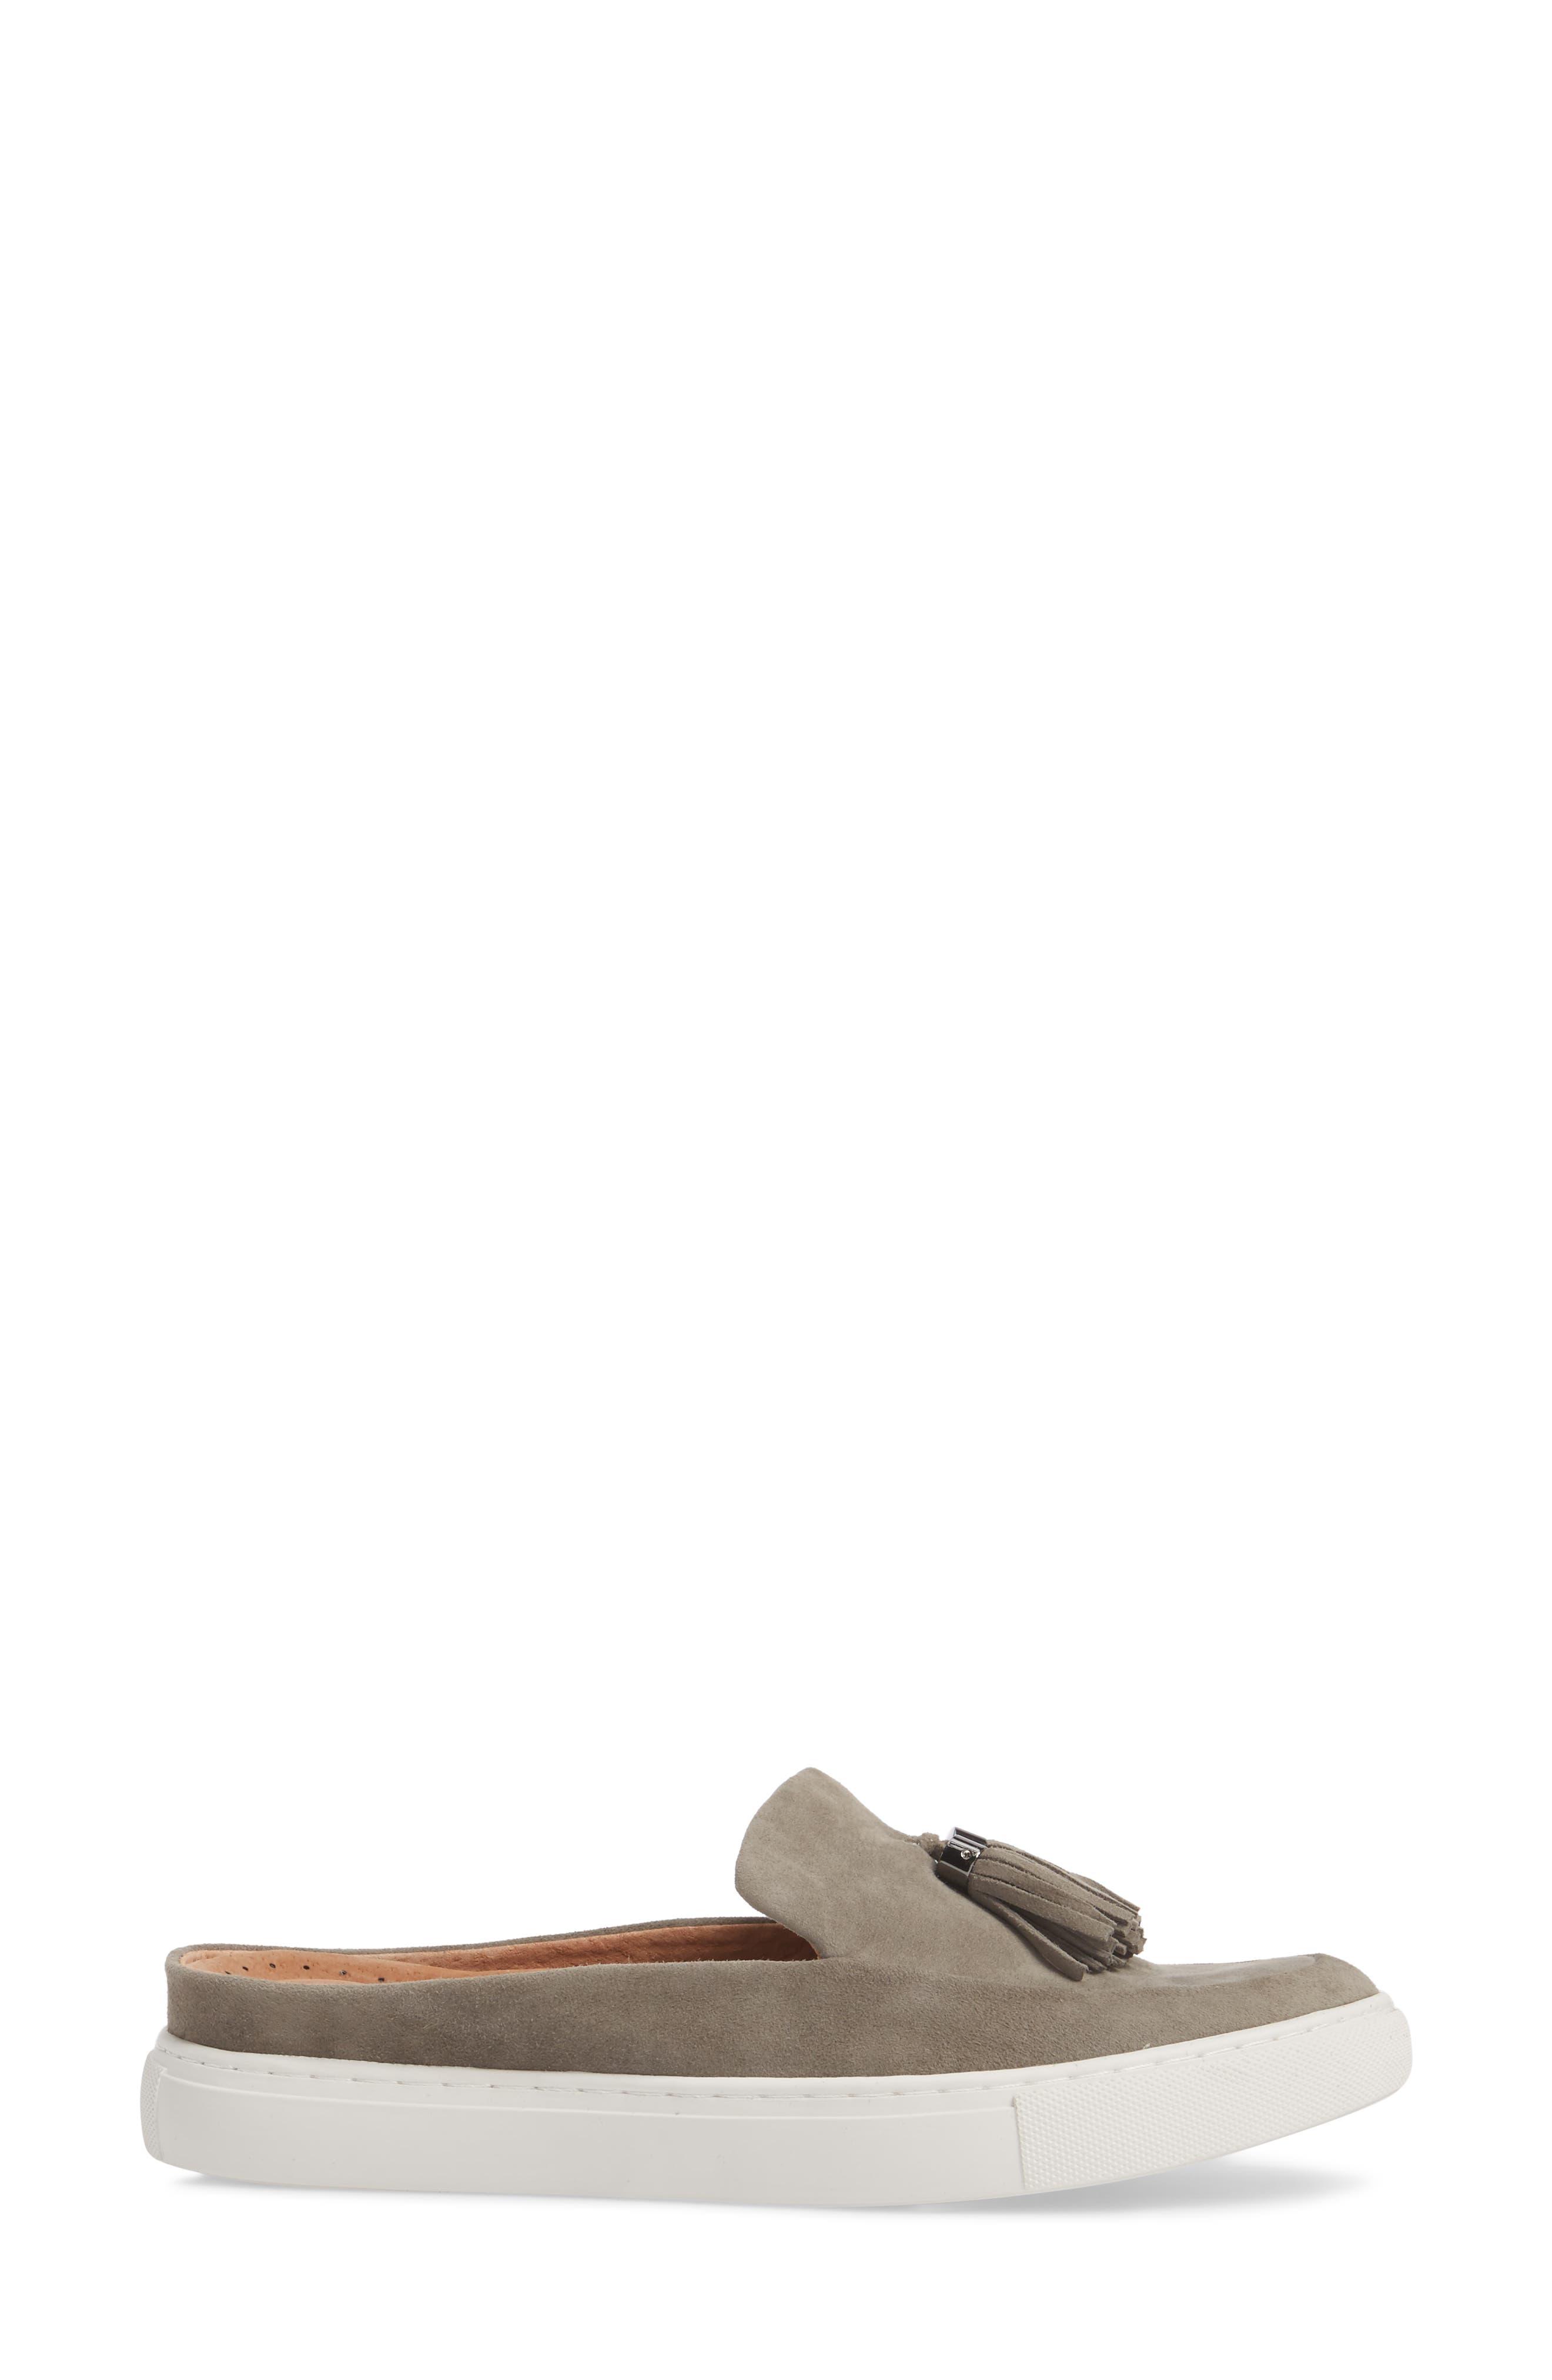 Alternate Image 3  - Gentle Souls Rory Loafer Mule Sneaker (Women)